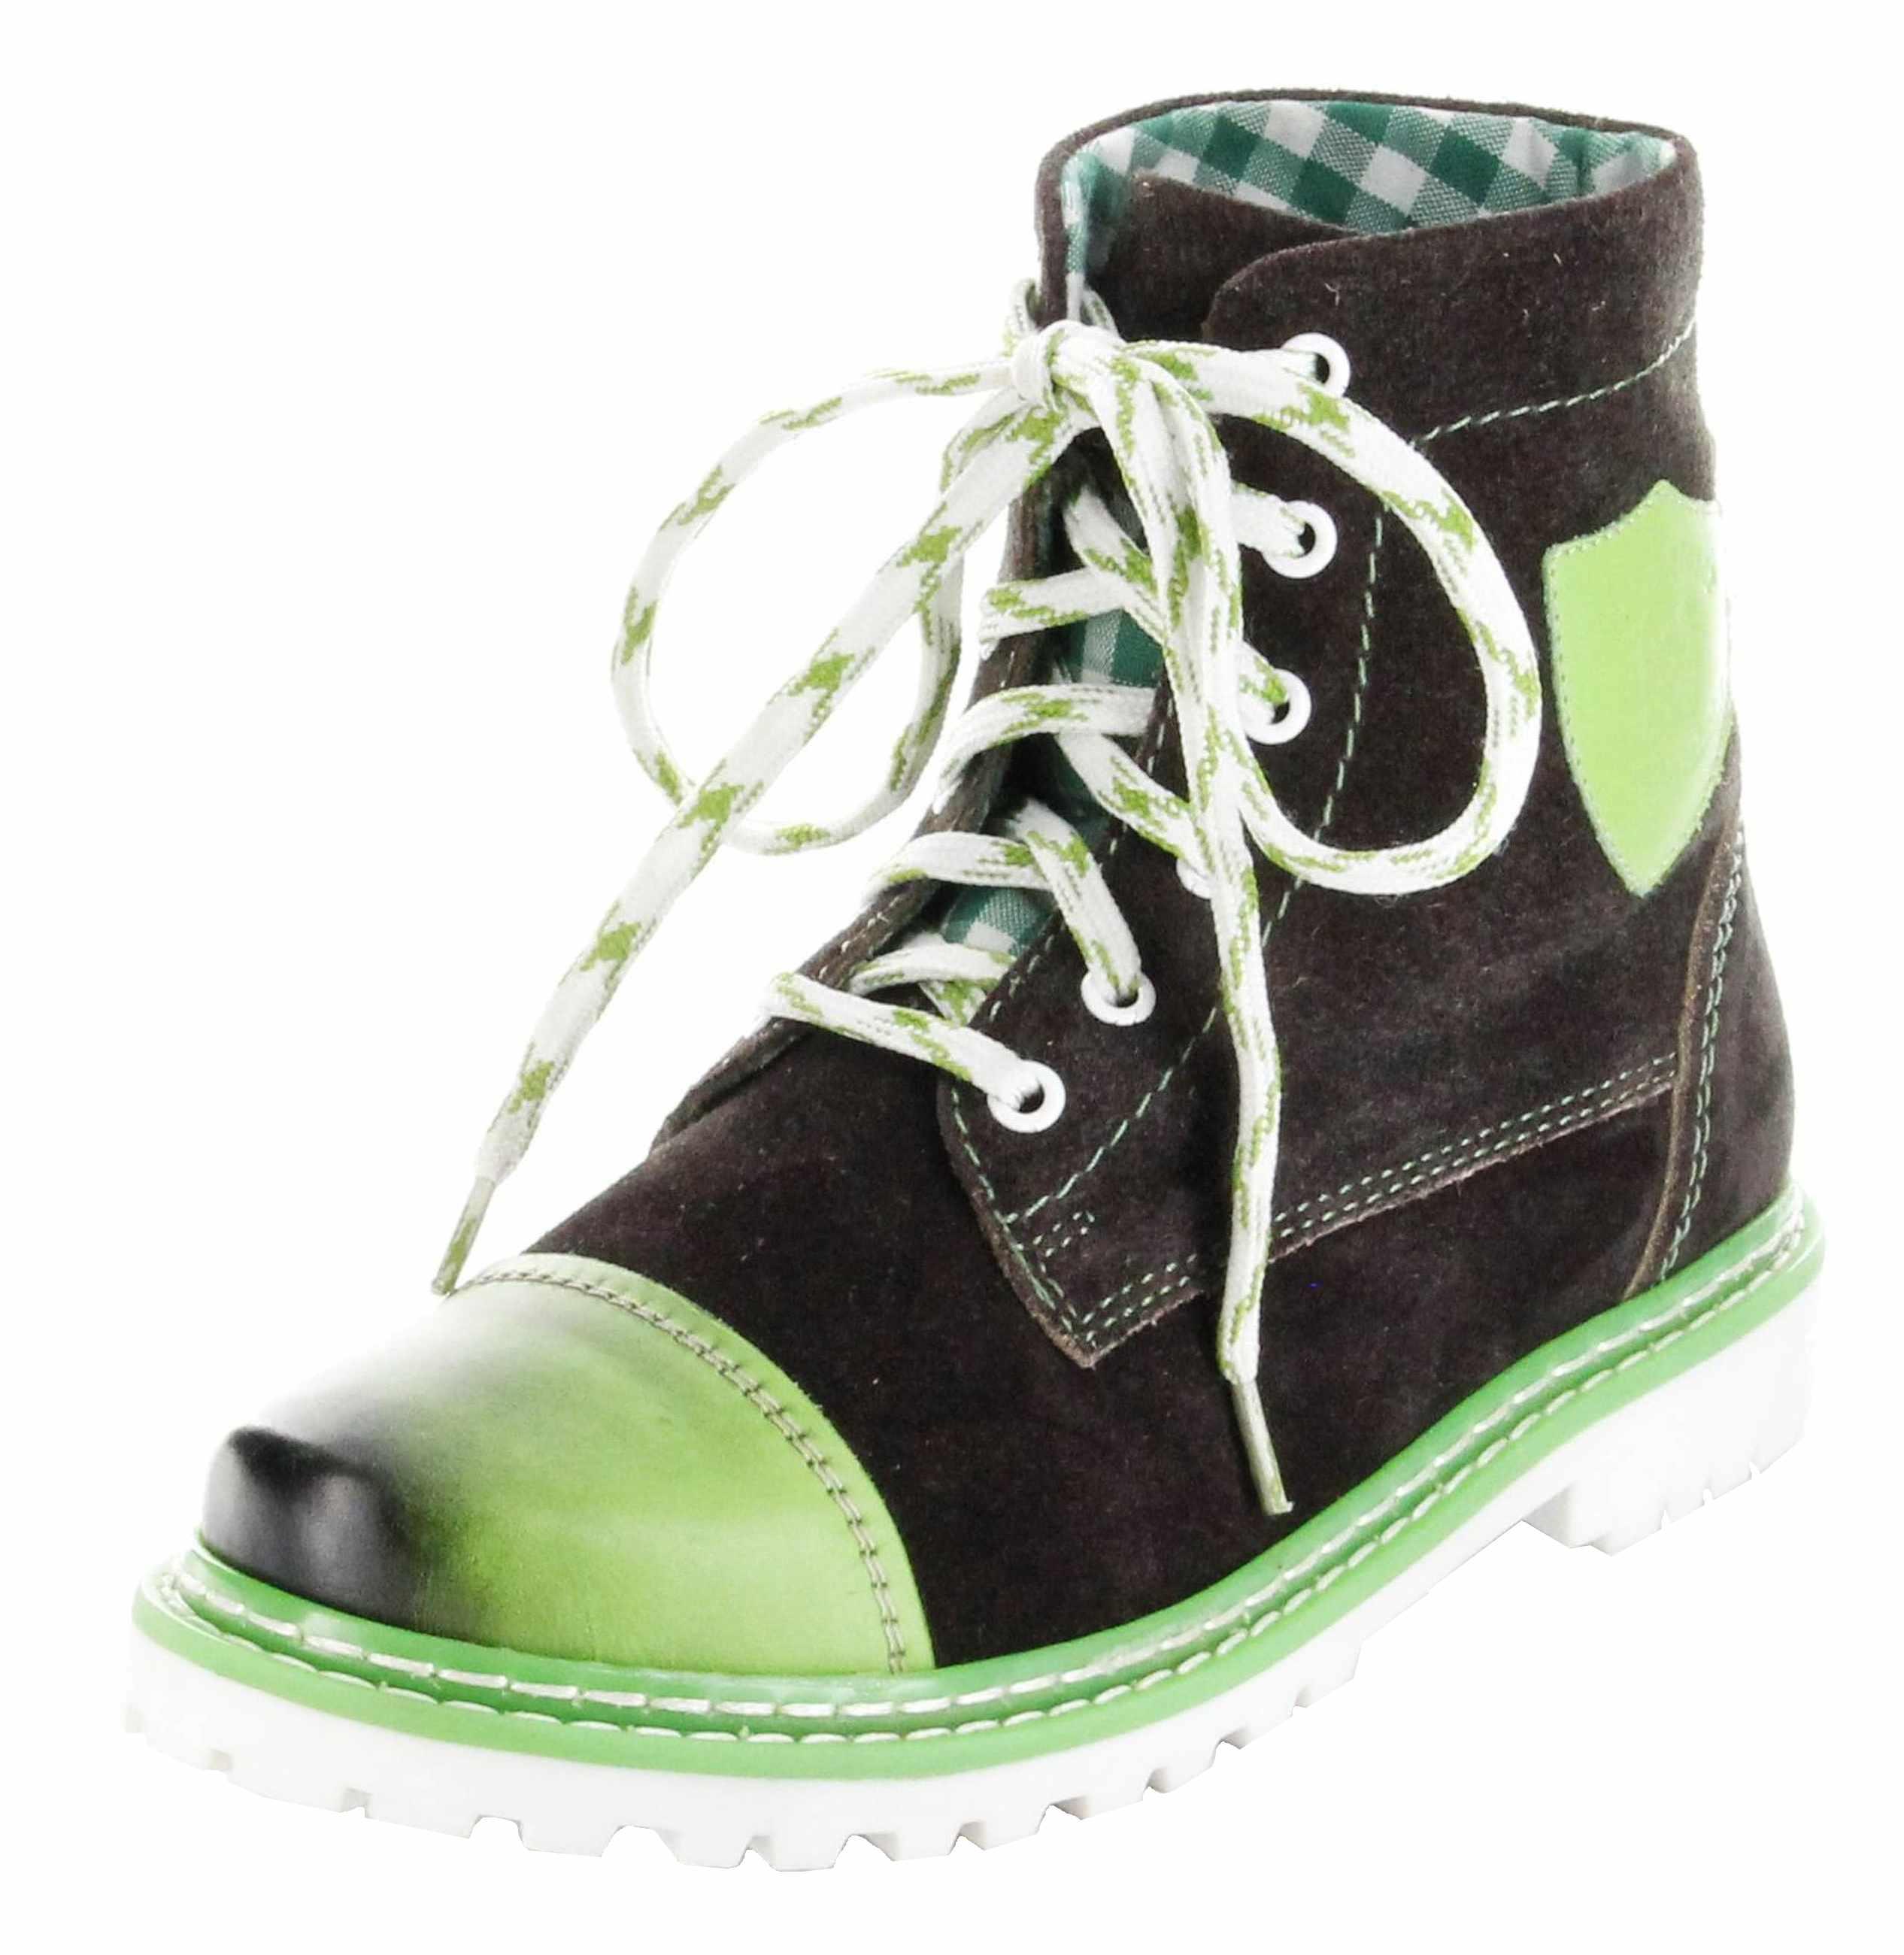 half off e244e acb00 Bergheimer Trachtenschuhe Stiefel grün Leder Stiefelette Damen Schuhe Aflenz